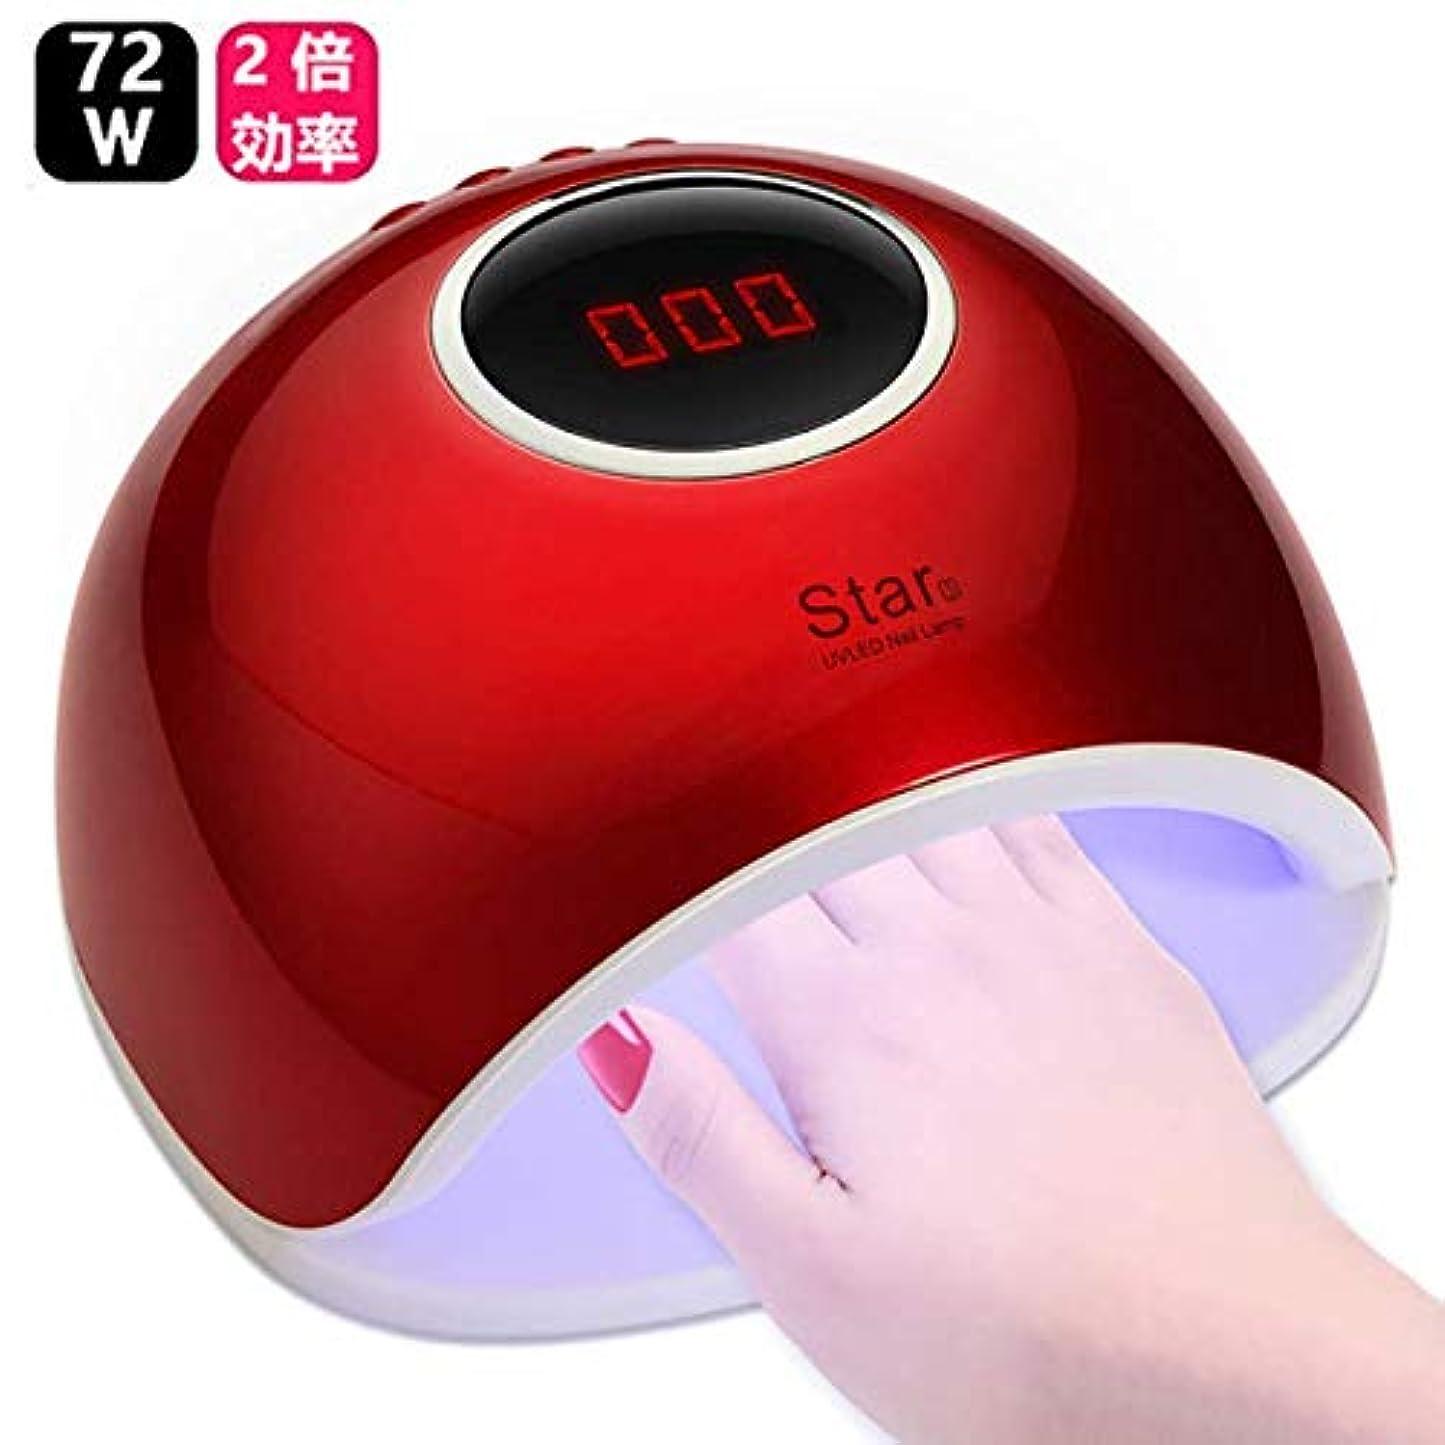 切り離す販売員確認してくださいUV LEDネイルドライヤー 赤外線検知 72W2倍の効率 赤外線美白機能付き マニキュア用 4段階タイマー設定可能 手足兼用 (レッド)